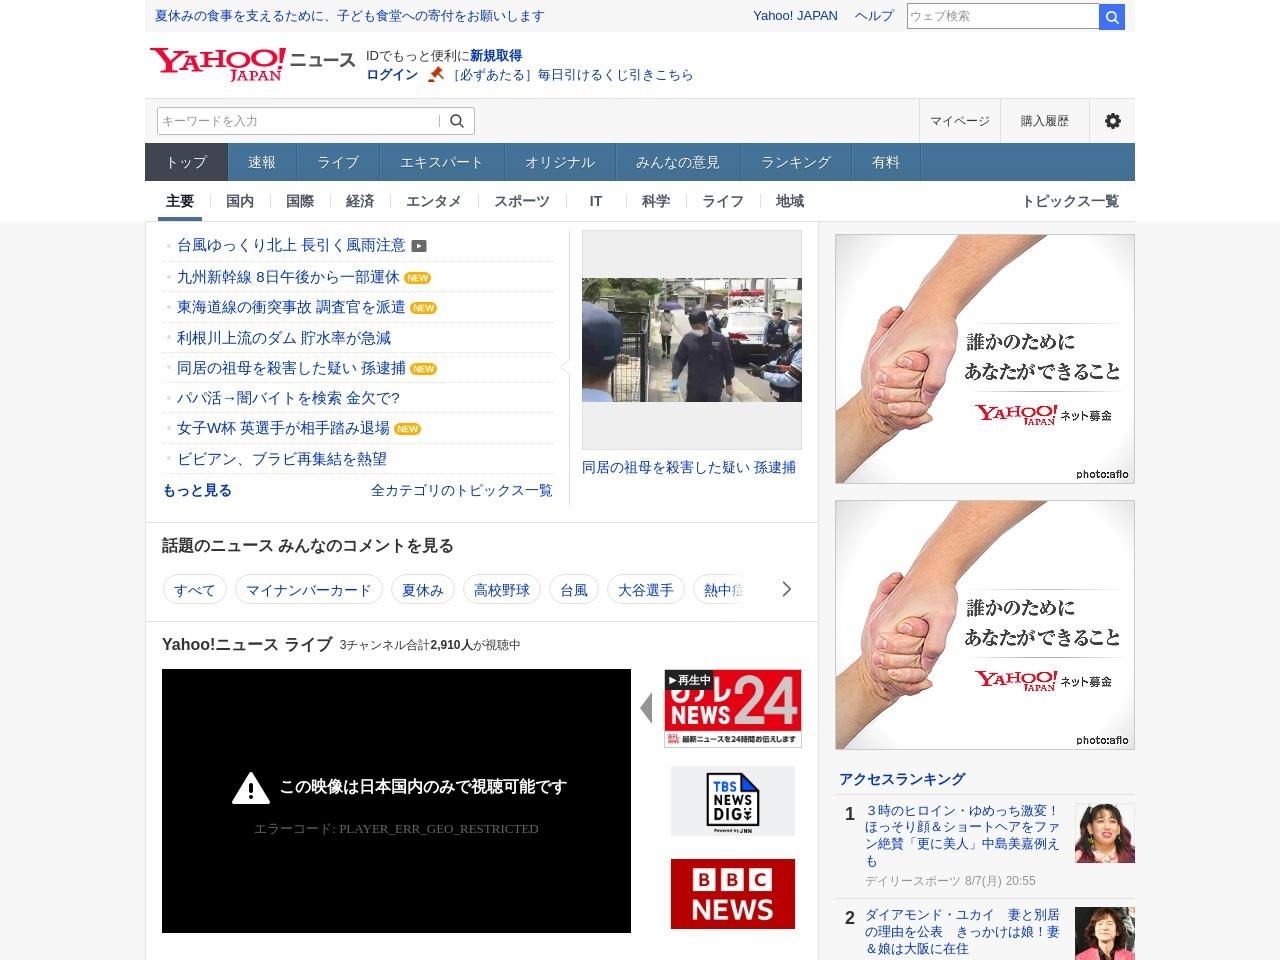 https://headlines.yahoo.co.jp/hl?a=20170329-00000035-minkei-l27